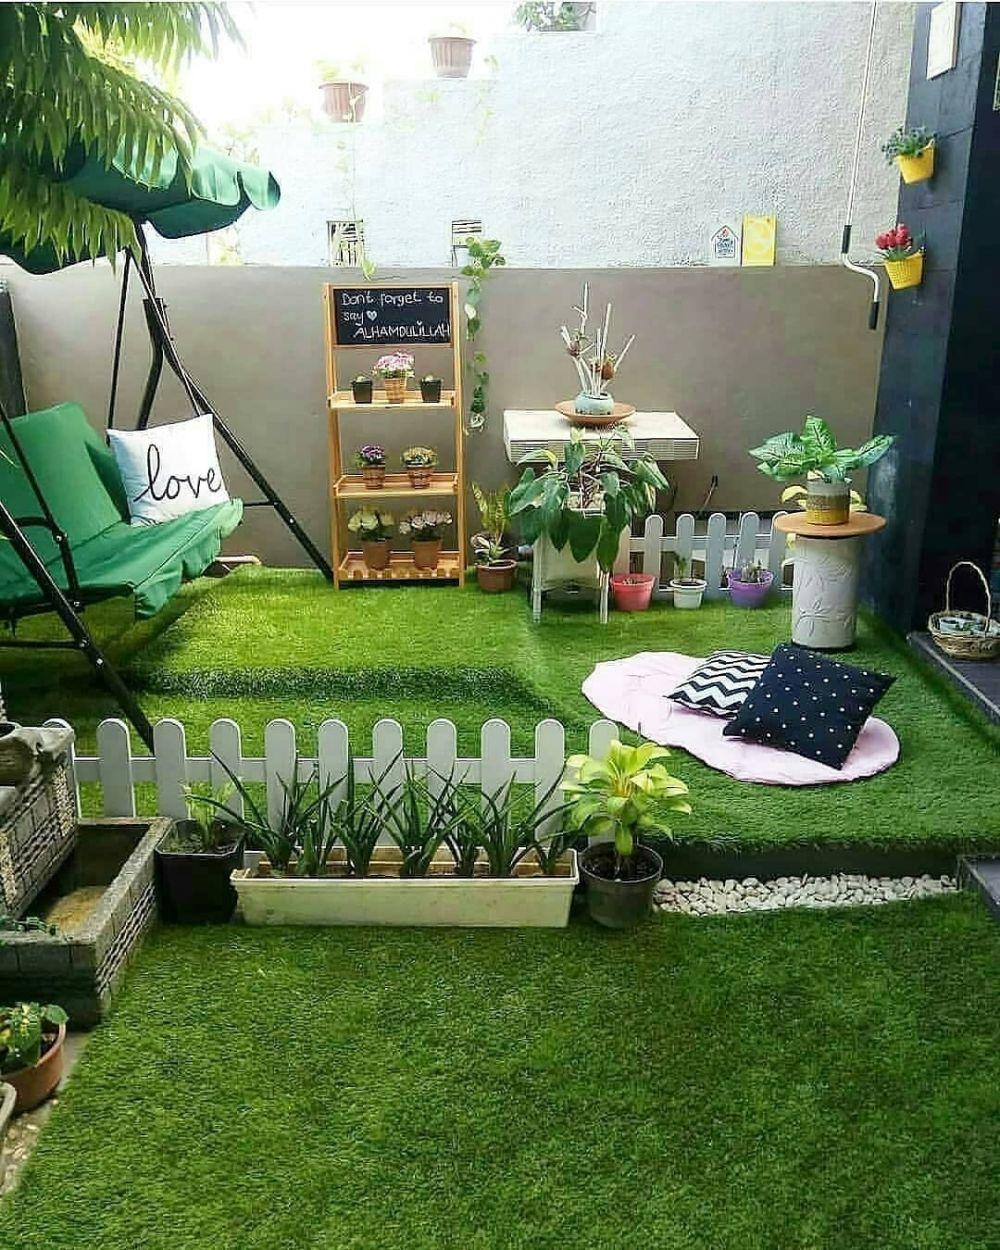 15 Desain taman untuk rumah minimalis, bikin makin kece ...